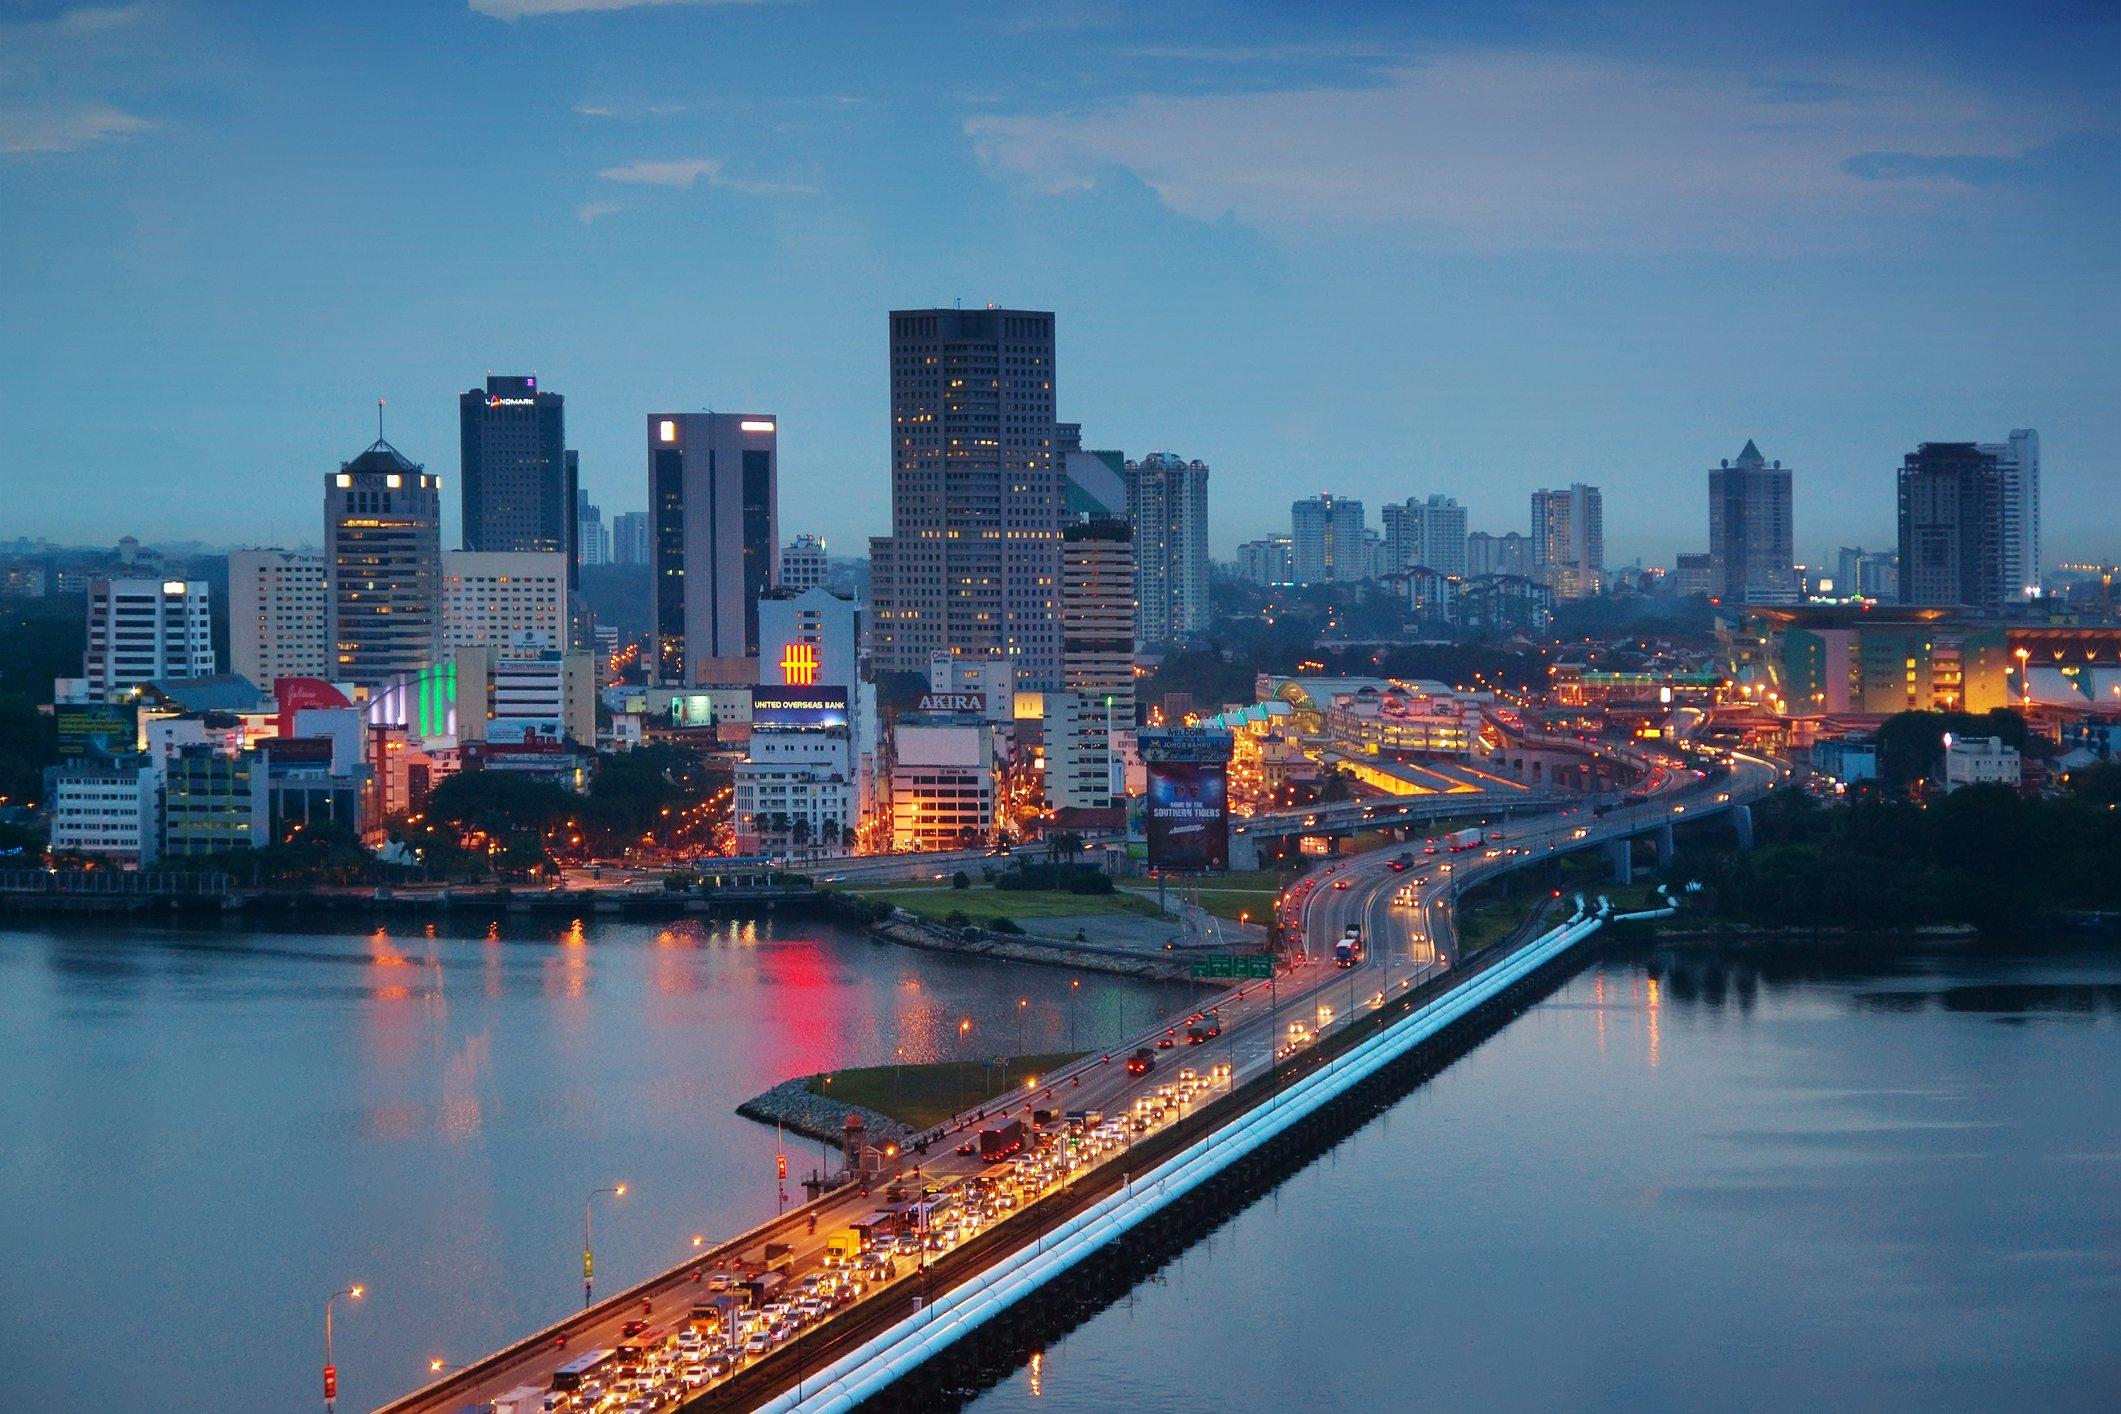 Tempat wisata terbaik di Johor Malaysia